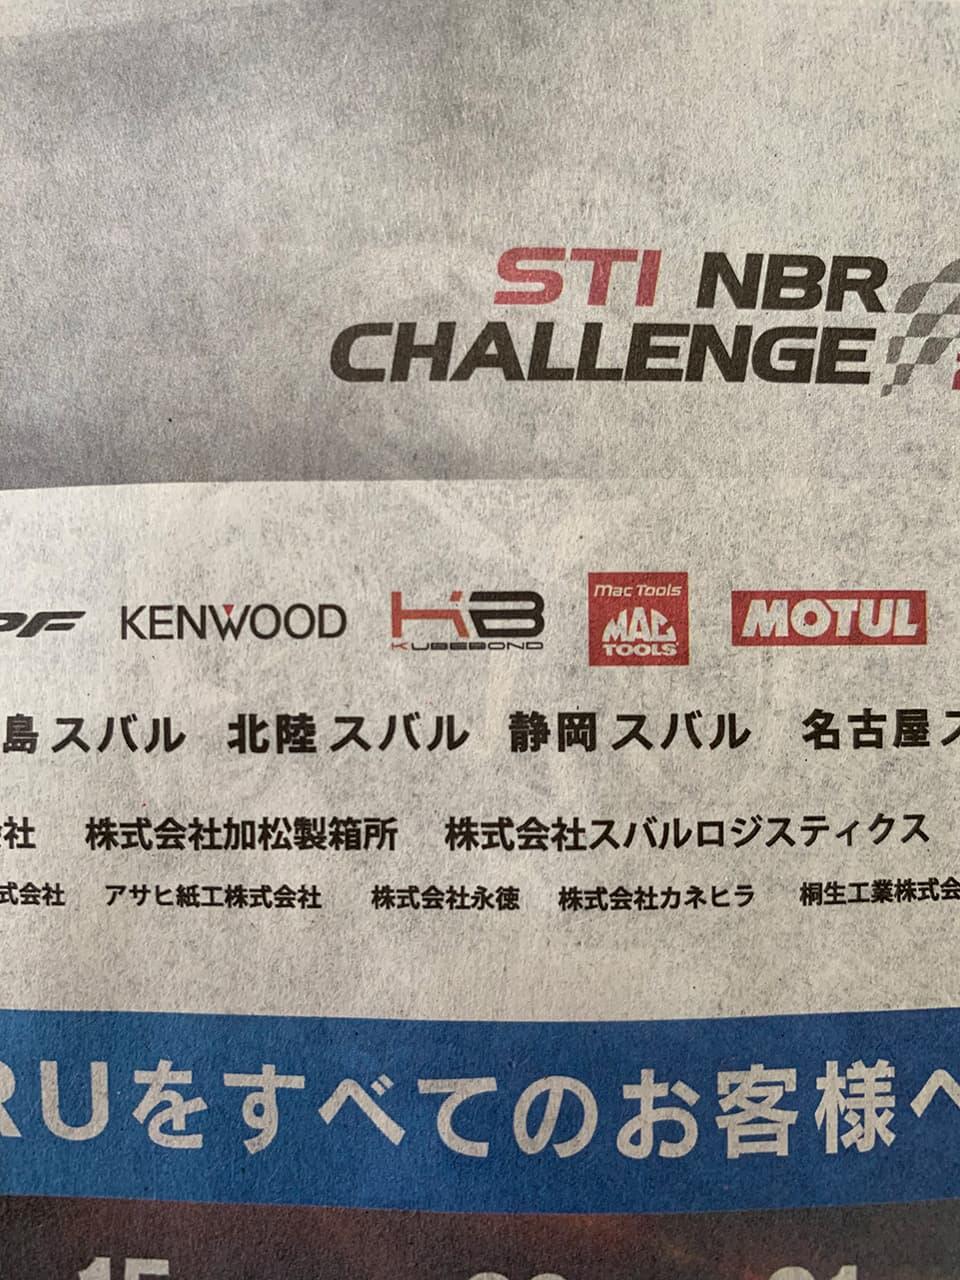 SUBARU/STIチームのニュルブルクリンク24時間耐久レースはKUBEBONDもサポートしています